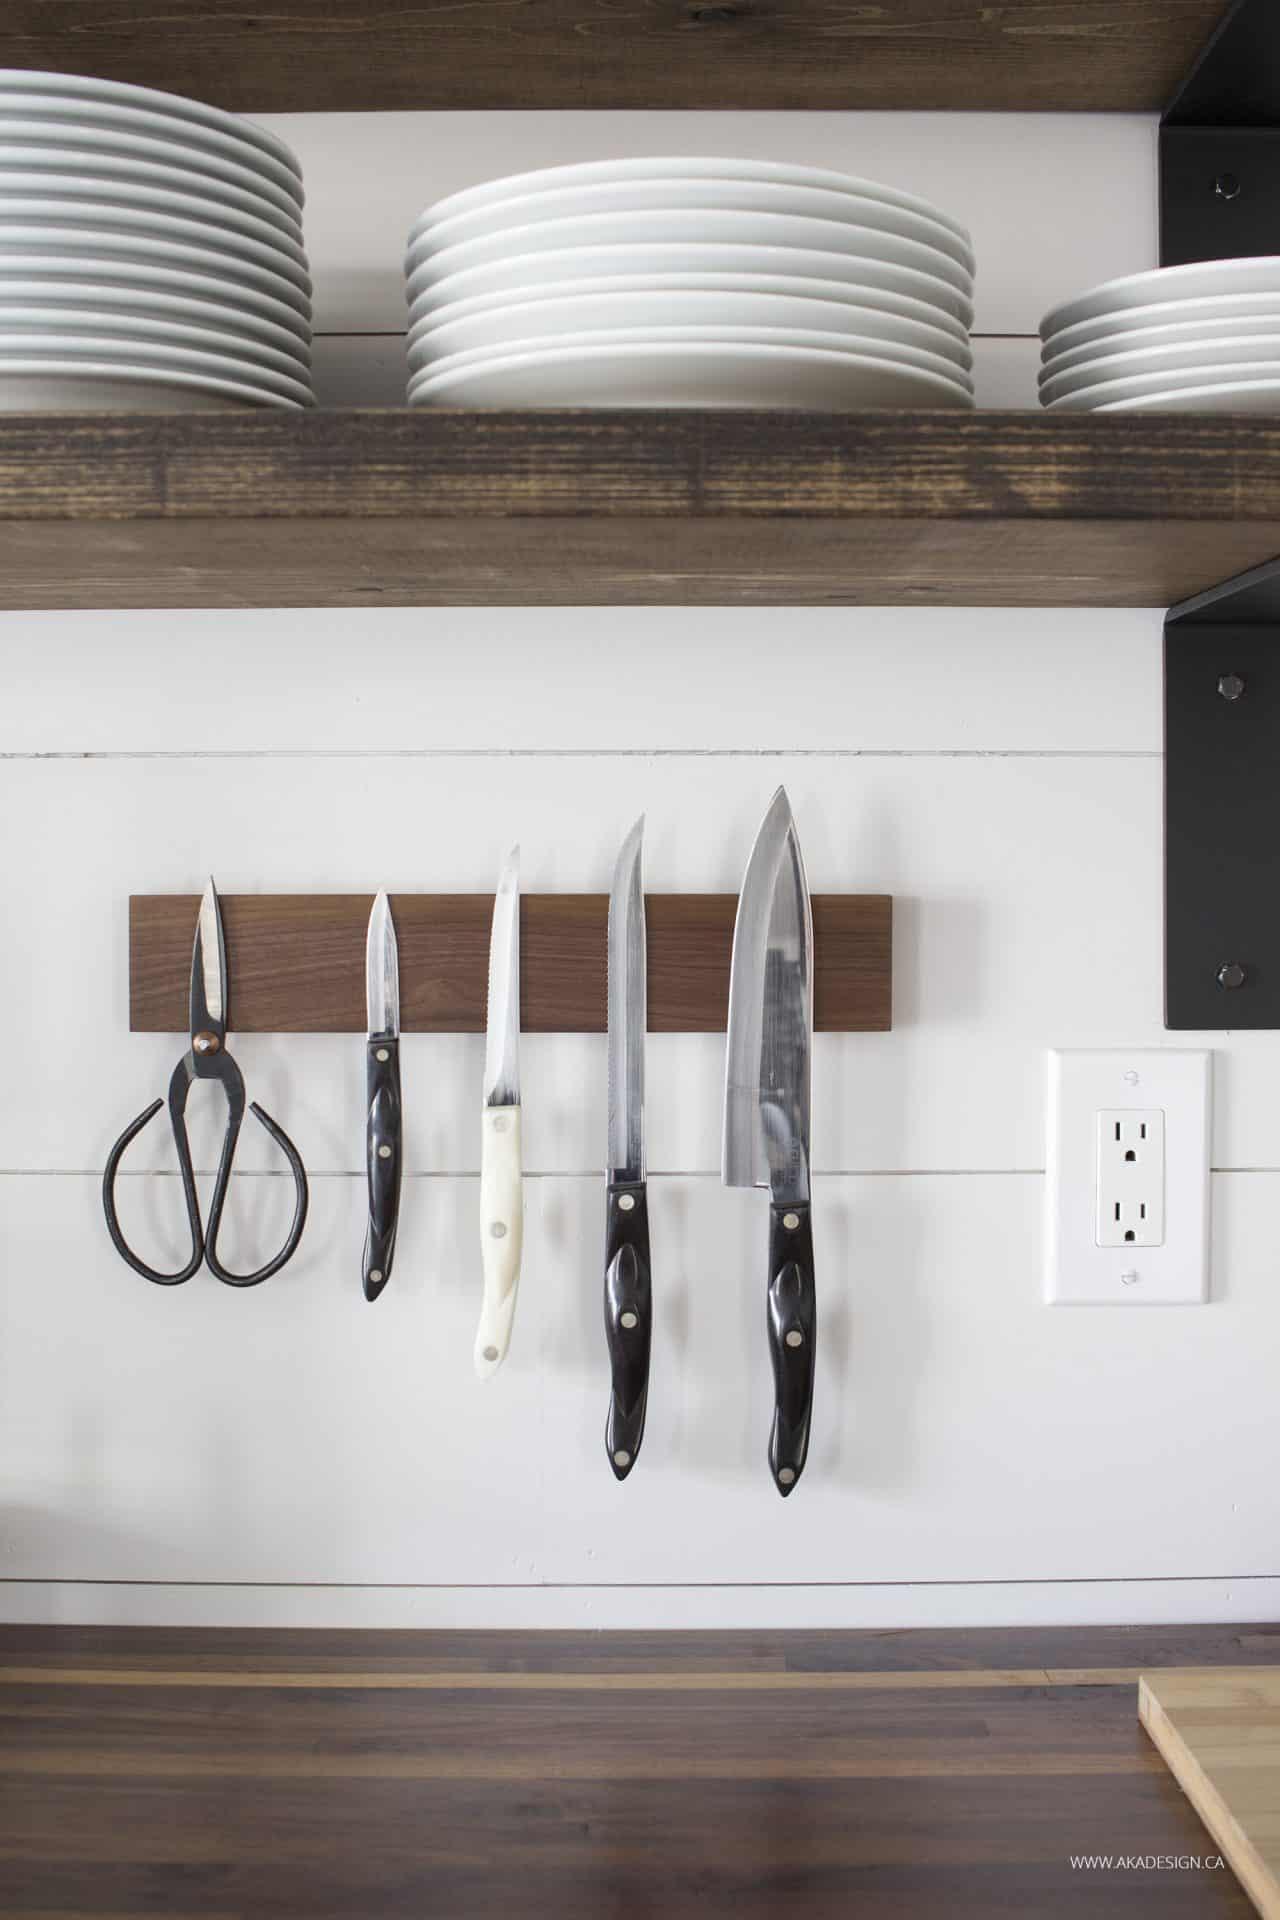 Knife Block Ipad Stand Cutting Board